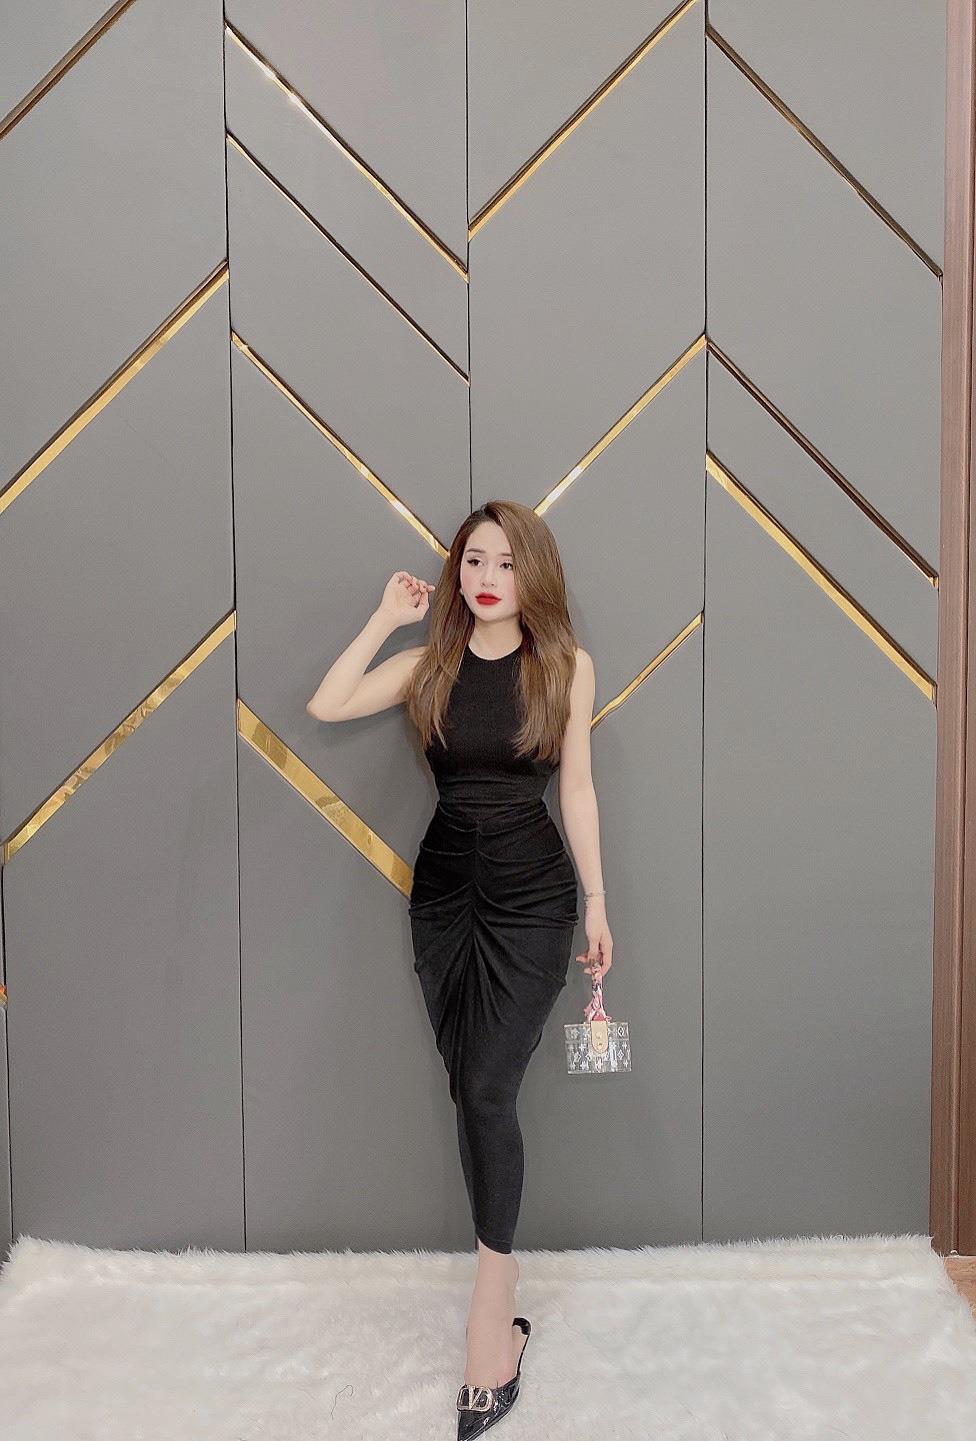 Huy Si Hiệu mang đến những sản phẩm thời trang ưng ý dành cho phái đẹp - Ảnh 4.